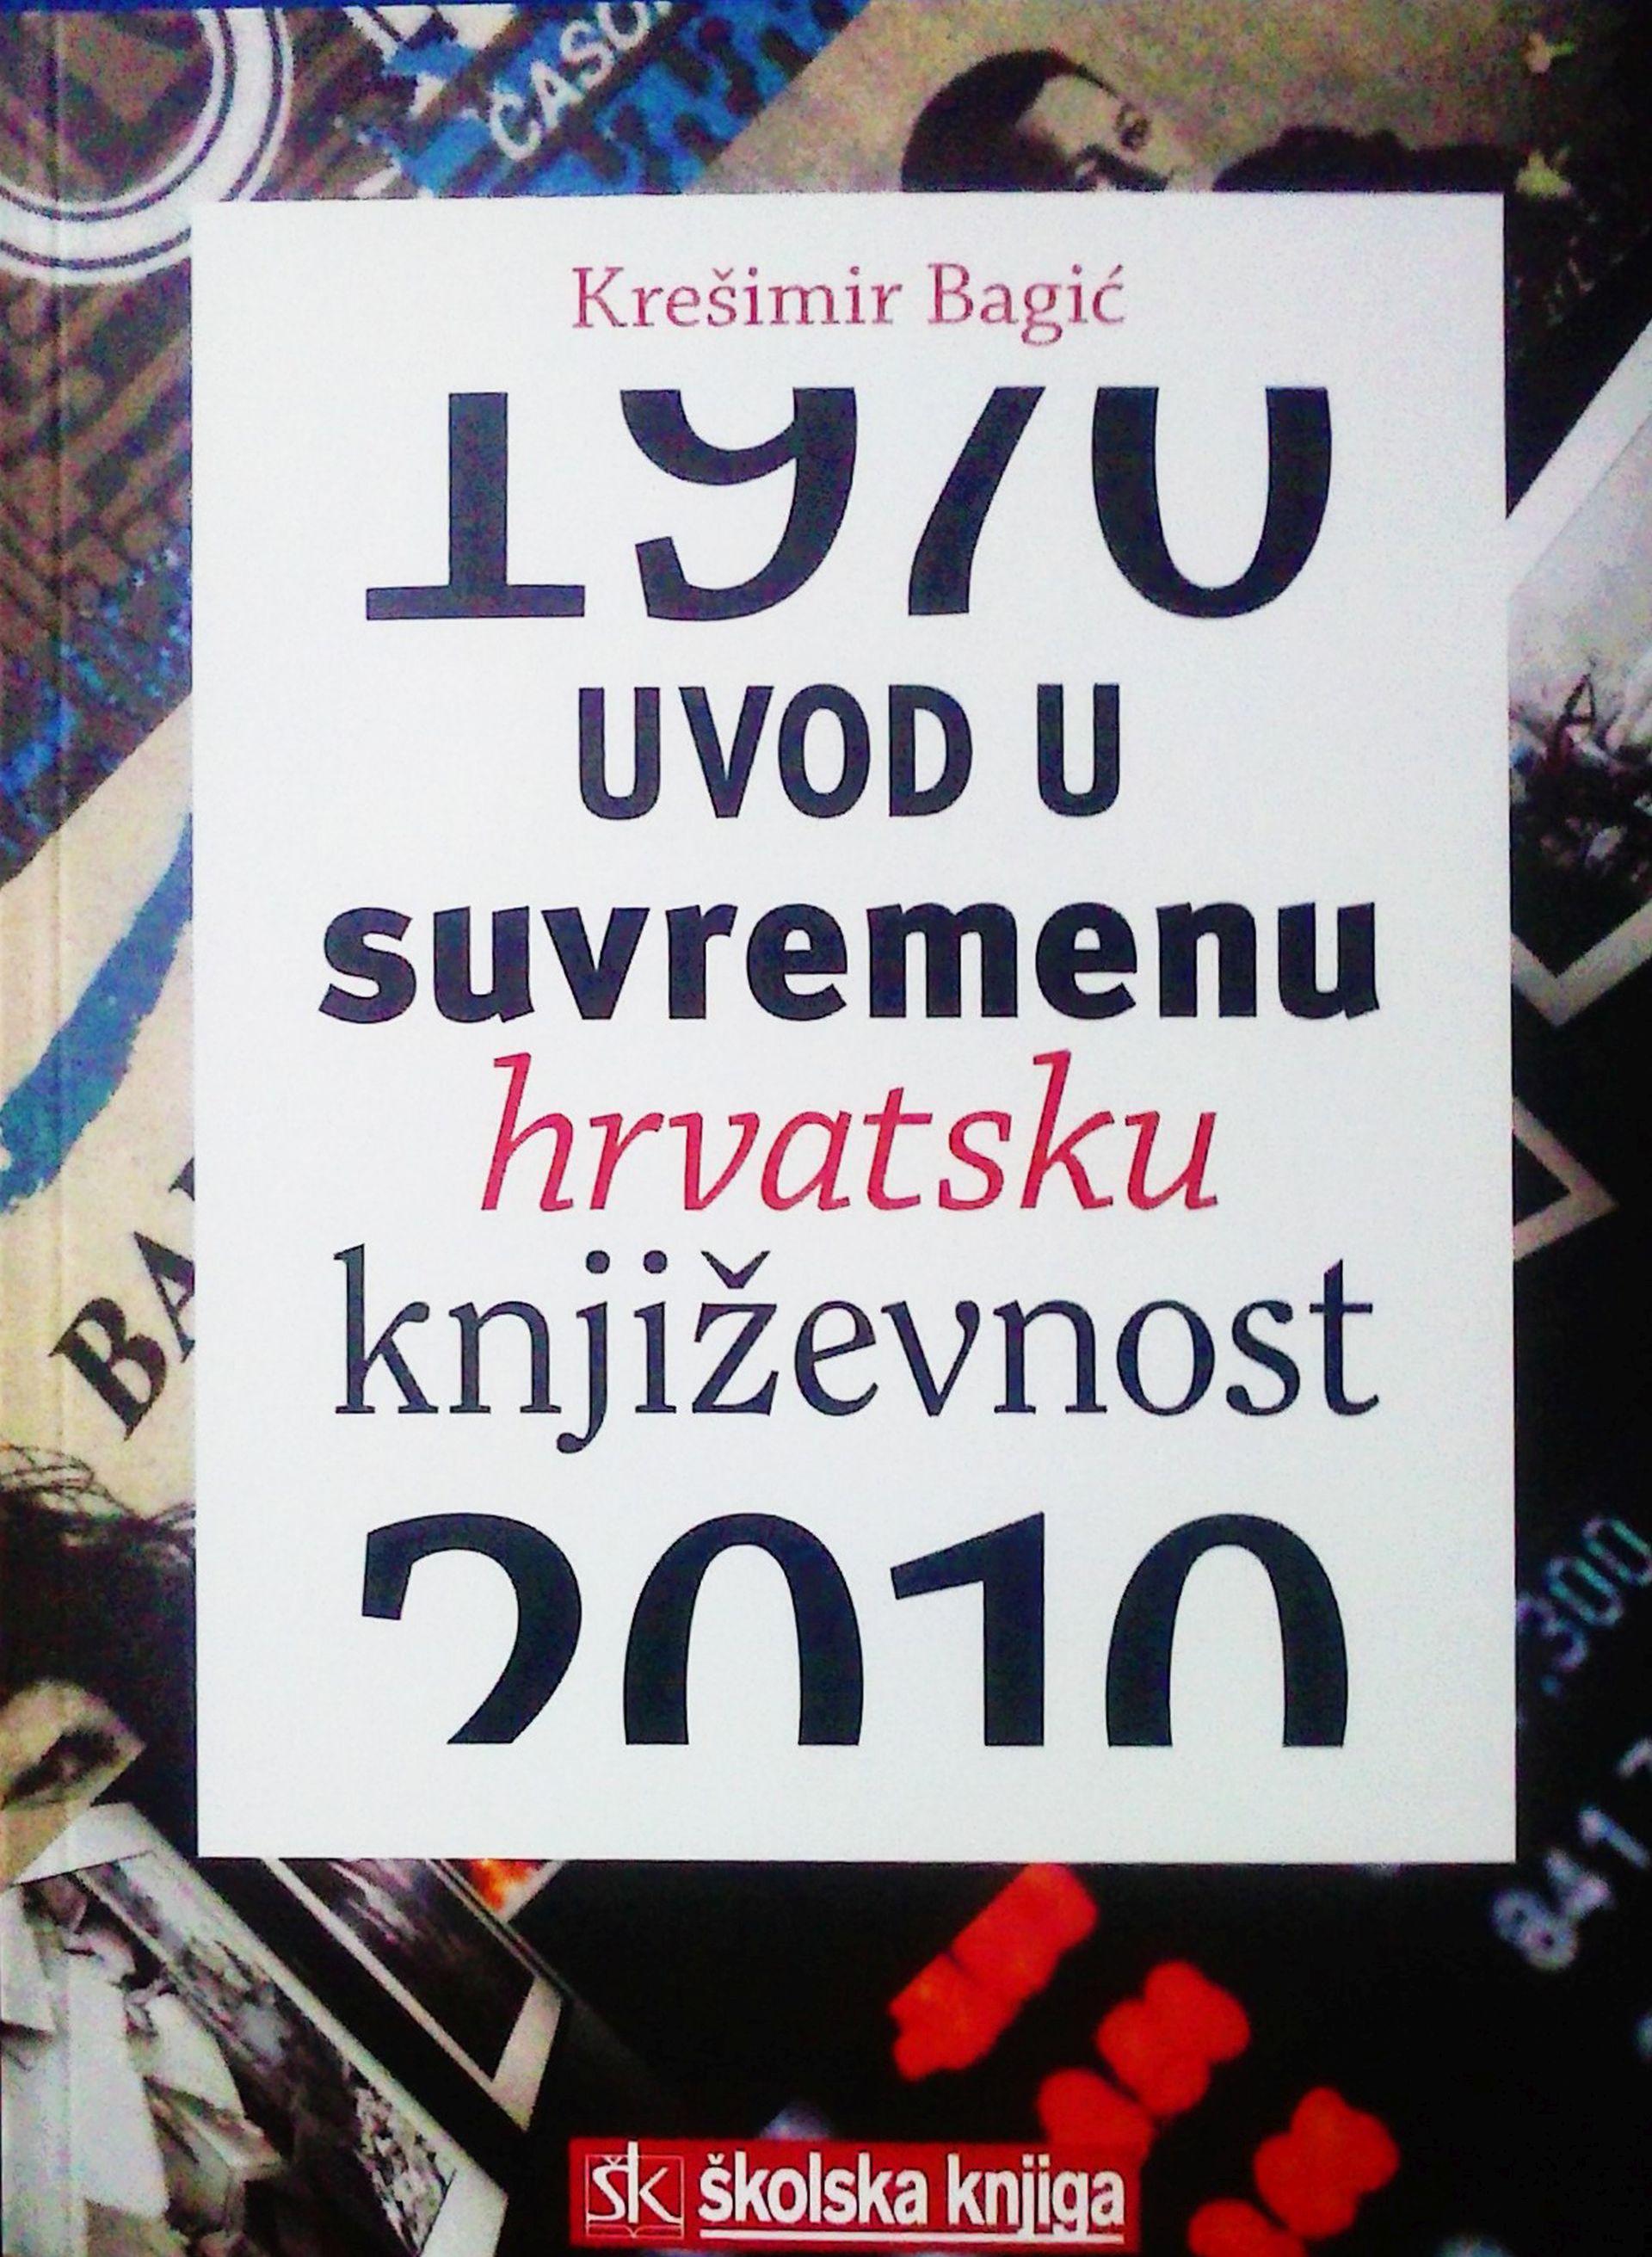 Pregled suvremene hrvatske književnosti pun kratkih spojeva i ironijskih obrata